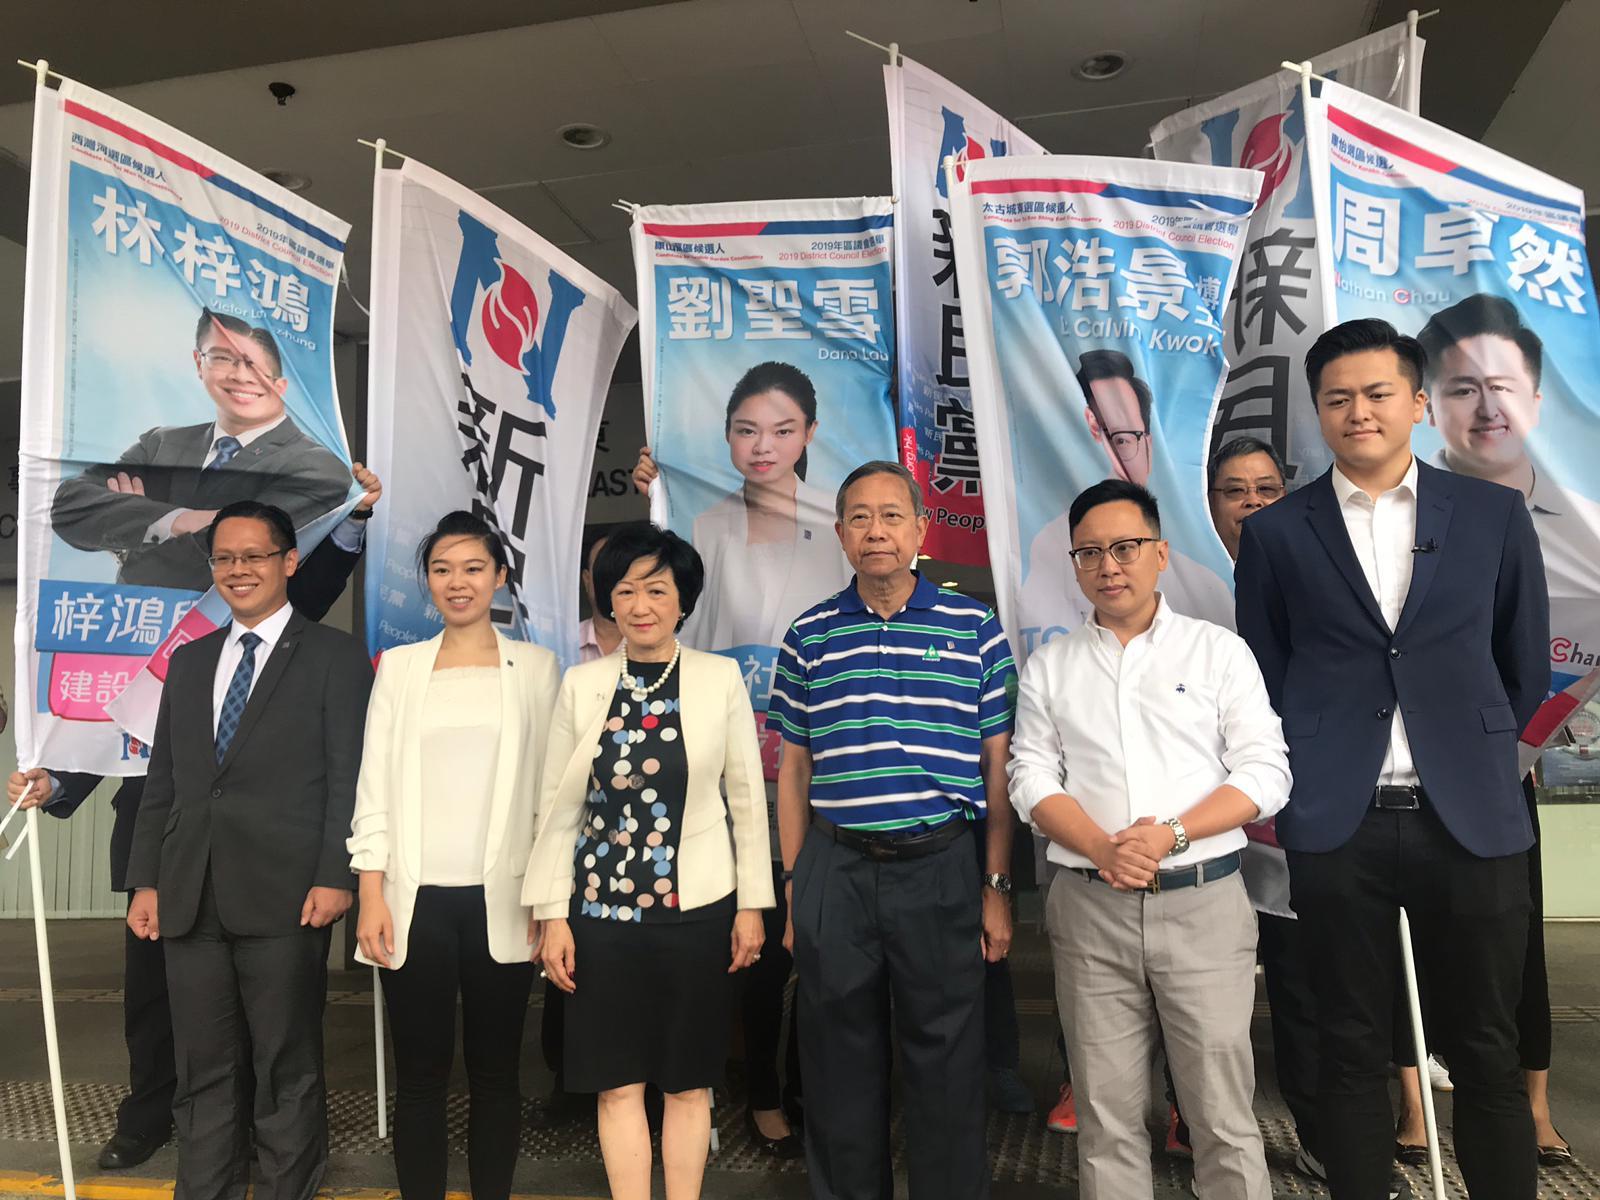 新民黨立法會議員葉劉淑(左起三)及前保安局局長黎棟國(左起四)。